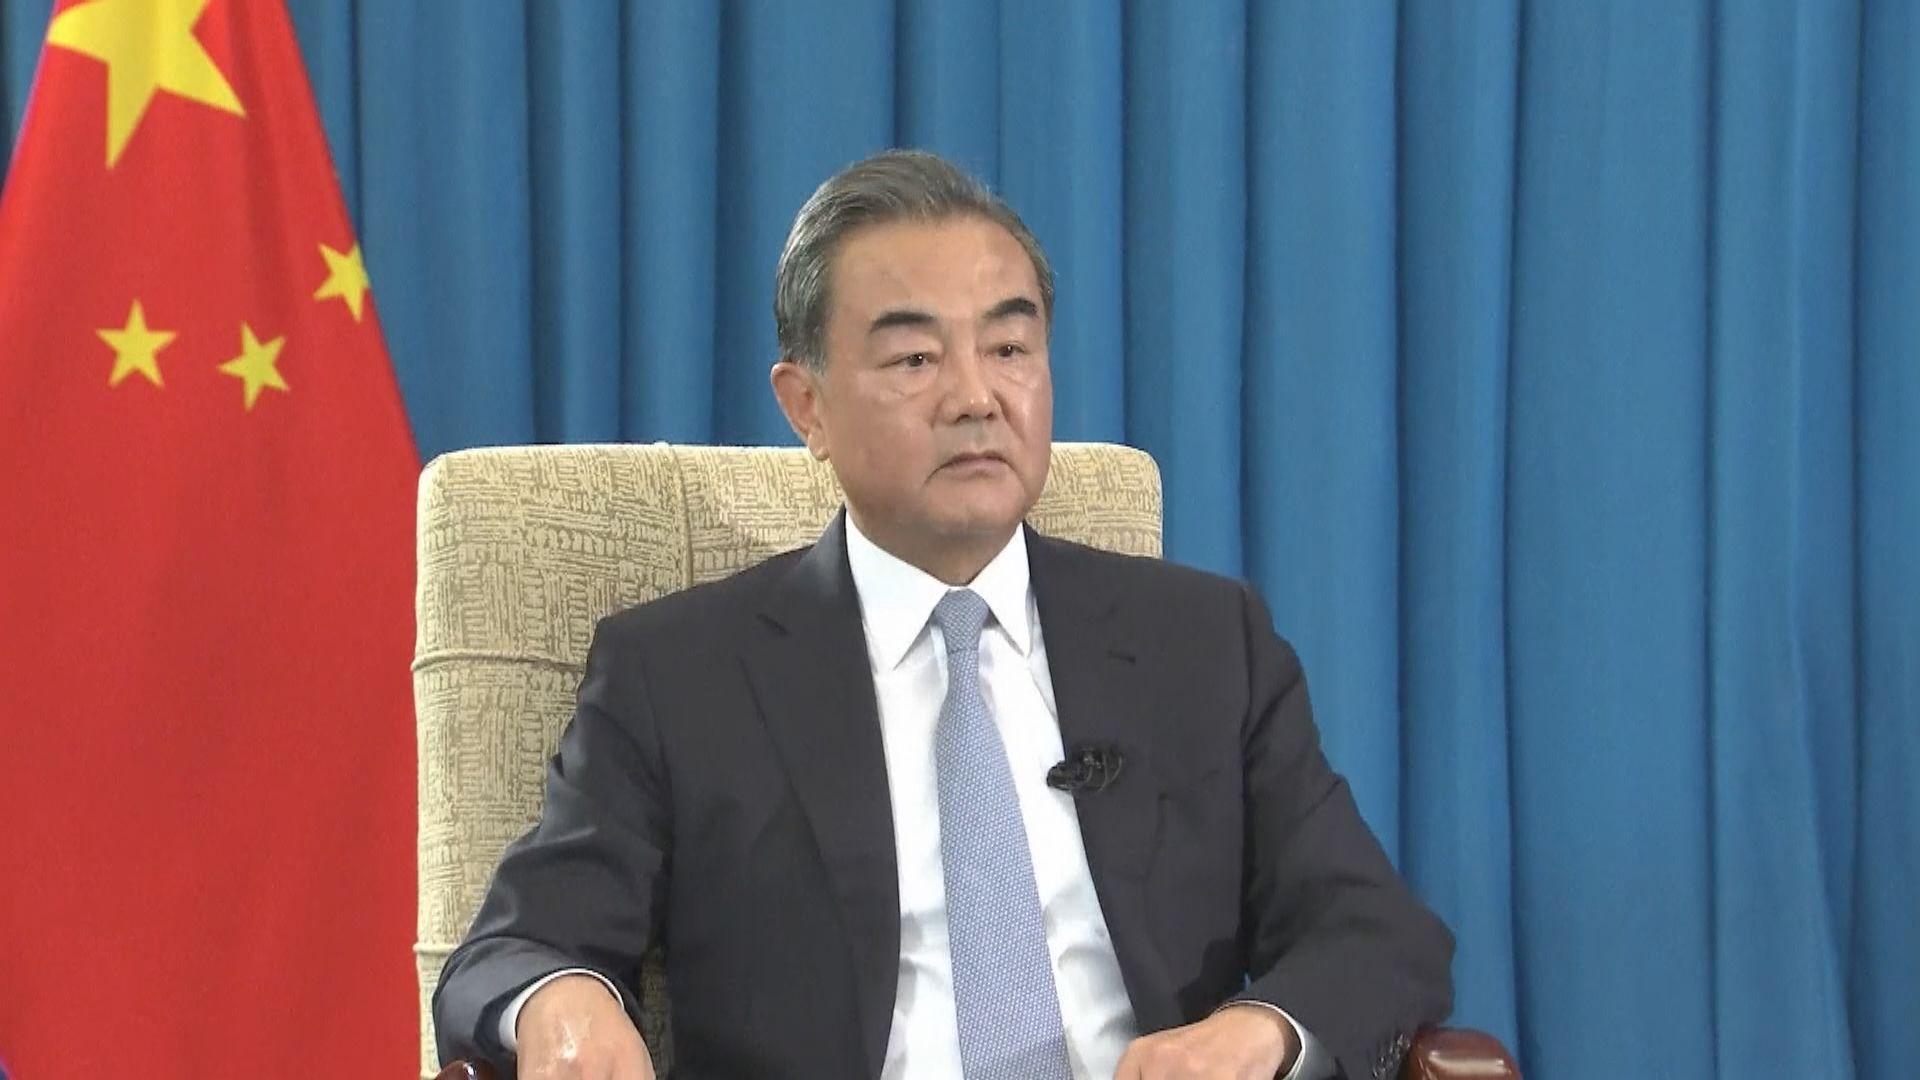 蓬佩奧宣布一系列針對華企措施 王毅:美國沒資格建立所謂「清潔國家聯盟」